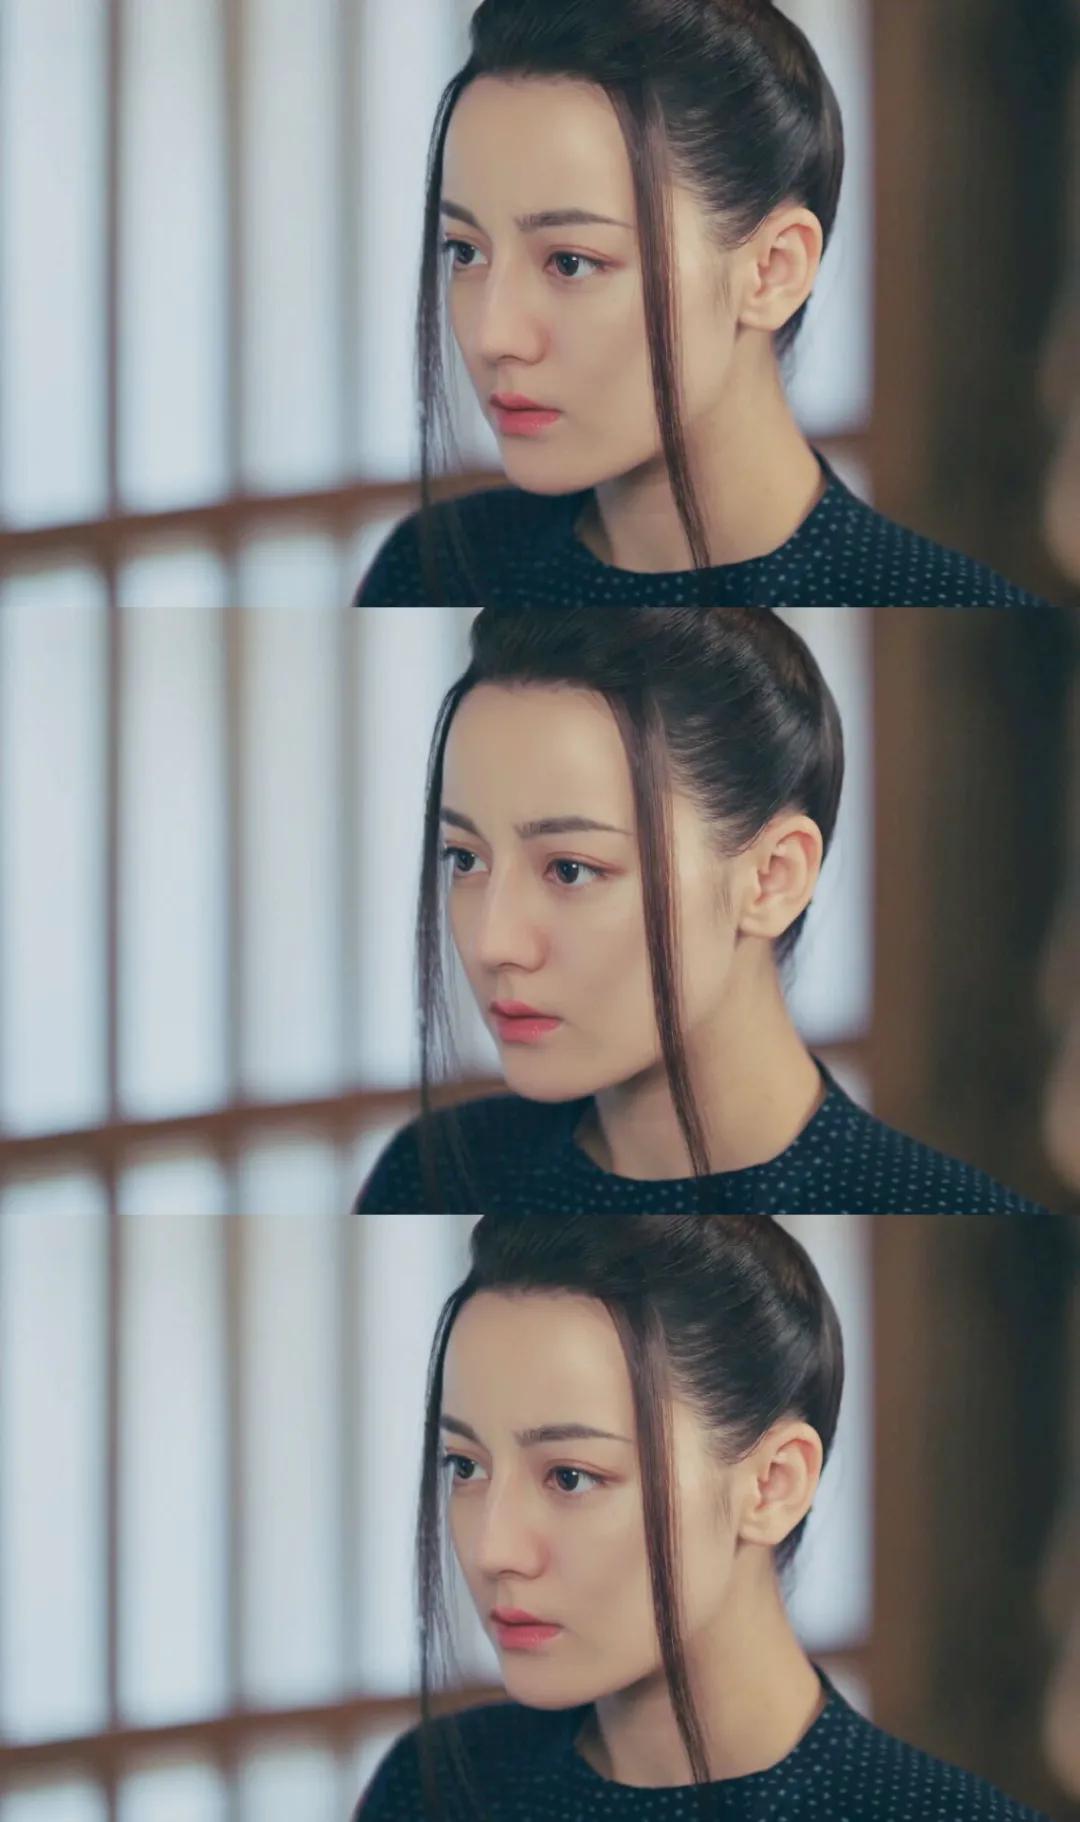 迪丽热巴和吴磊在《长歌行》中的吻戏引起争议?两人般配式演技?